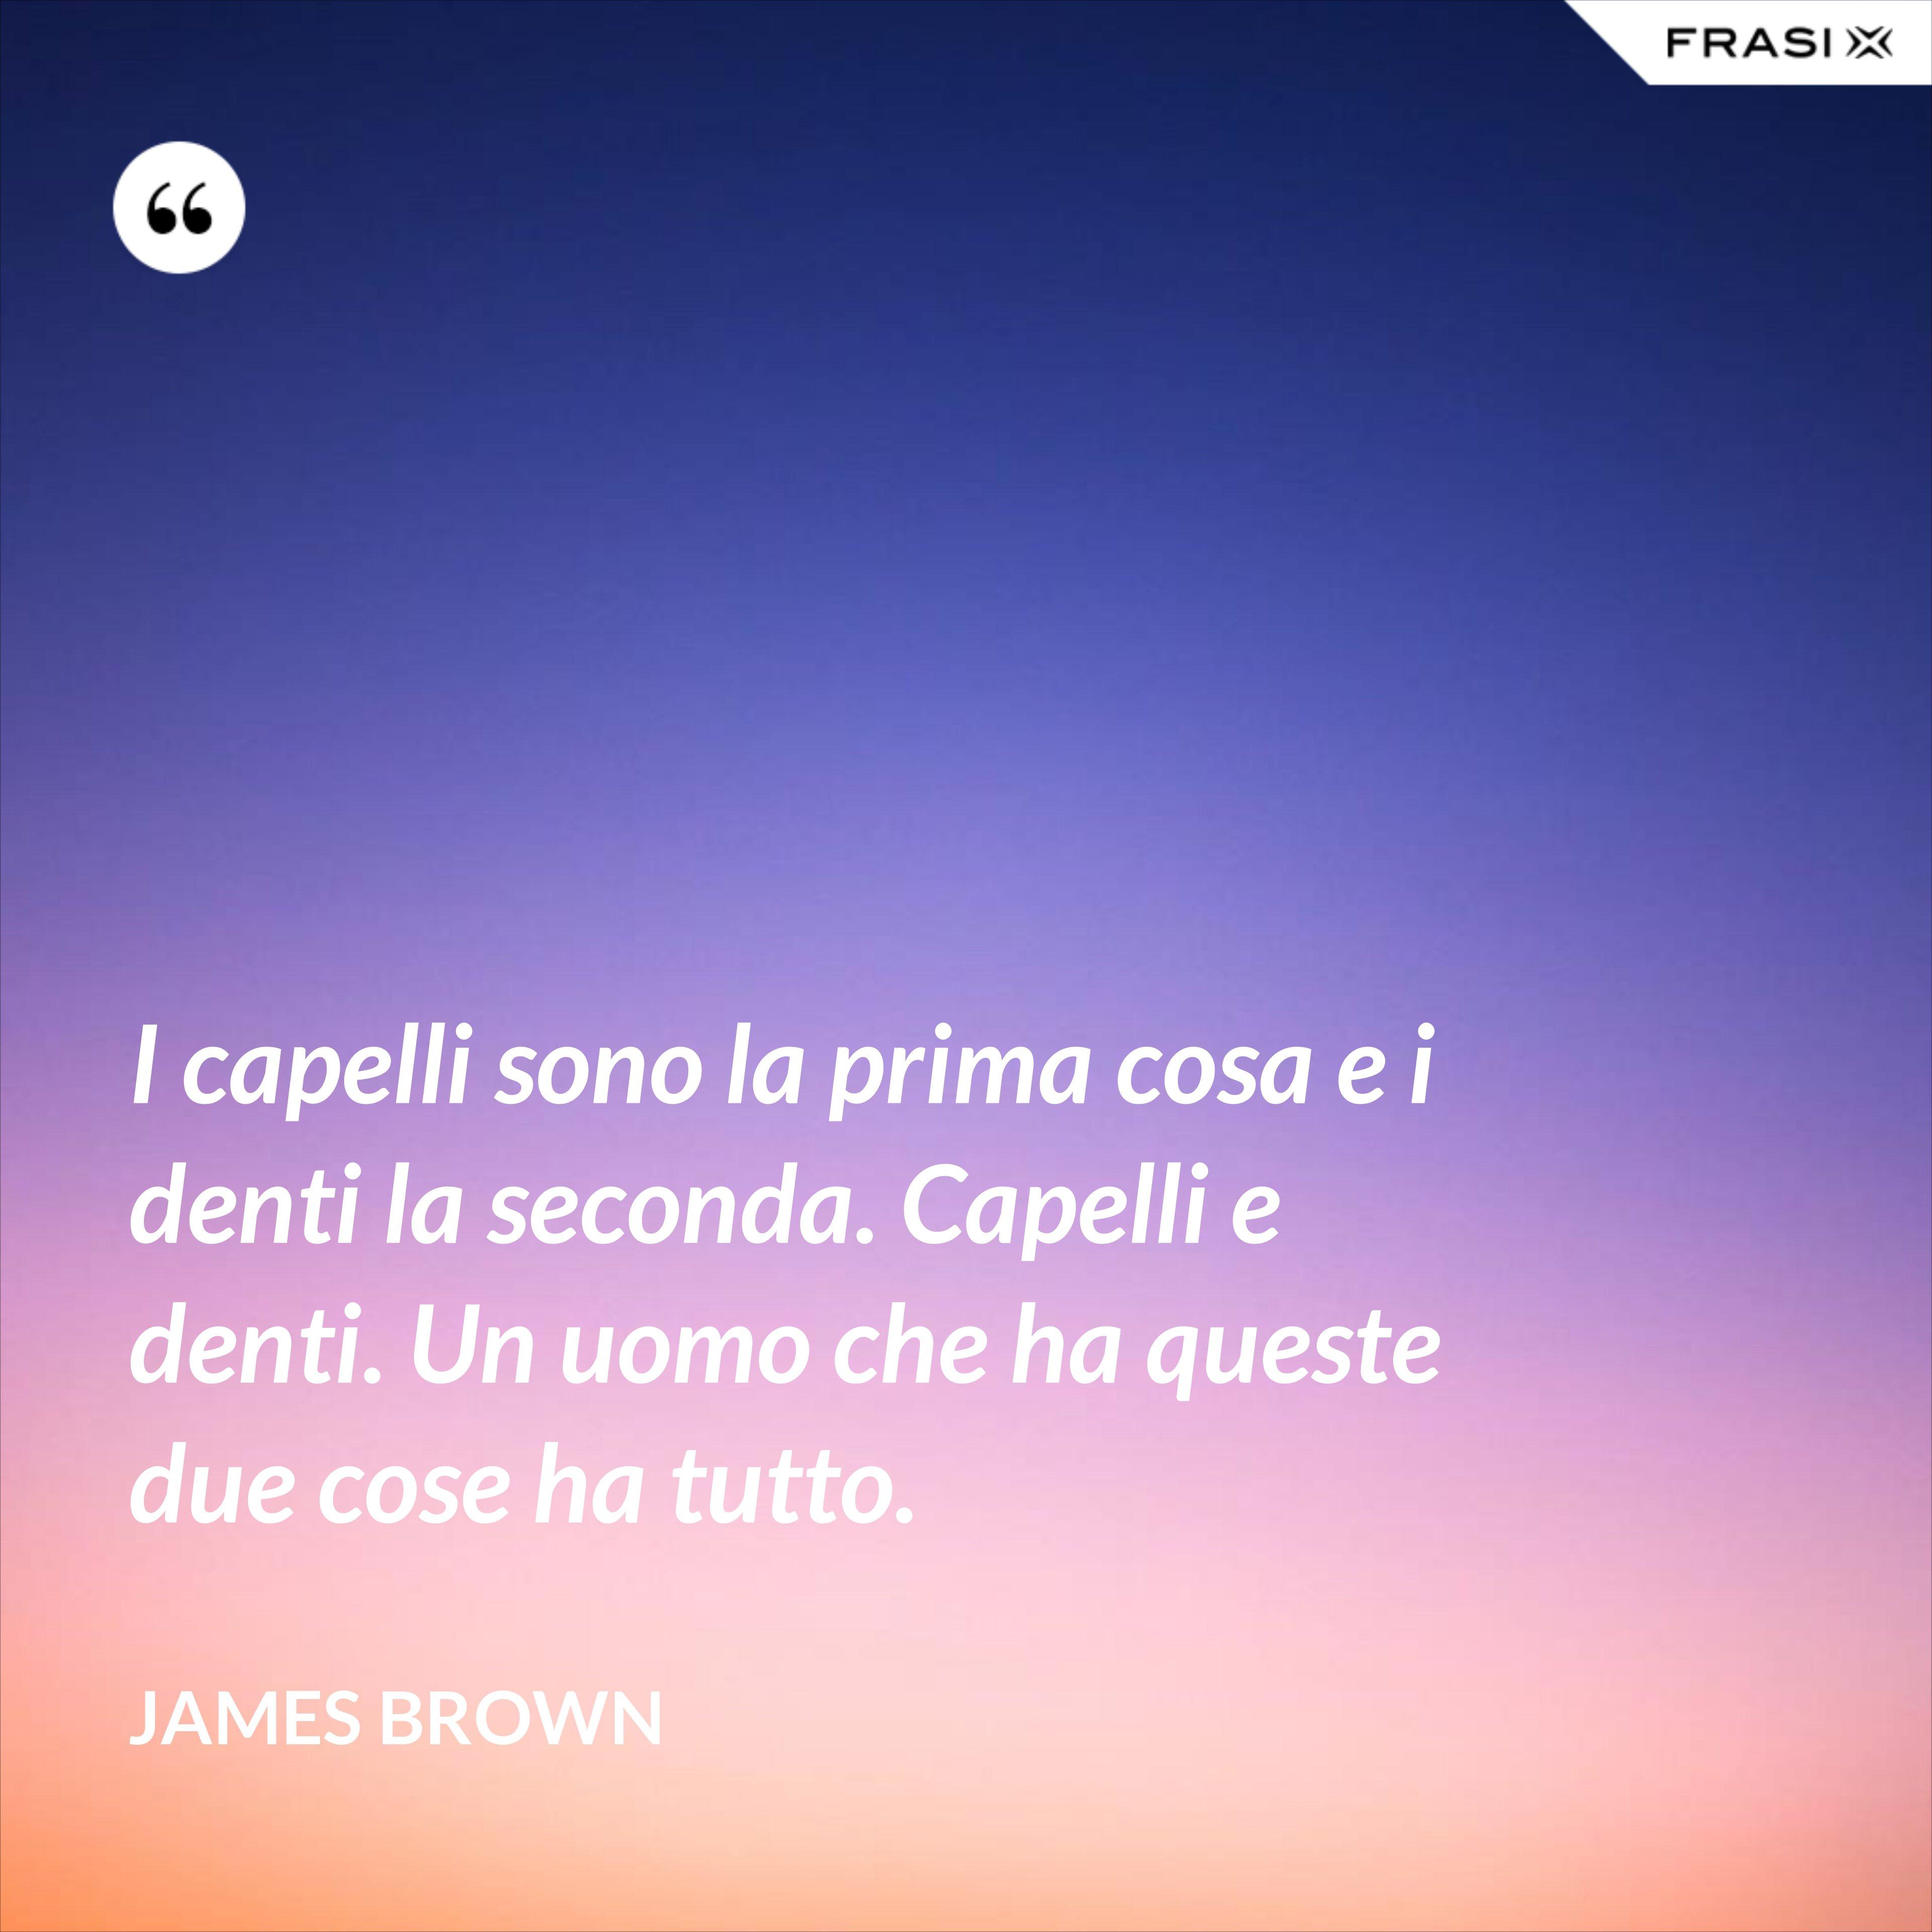 I capelli sono la prima cosa e i denti la seconda. Capelli e denti. Un uomo che ha queste due cose ha tutto. - James Brown